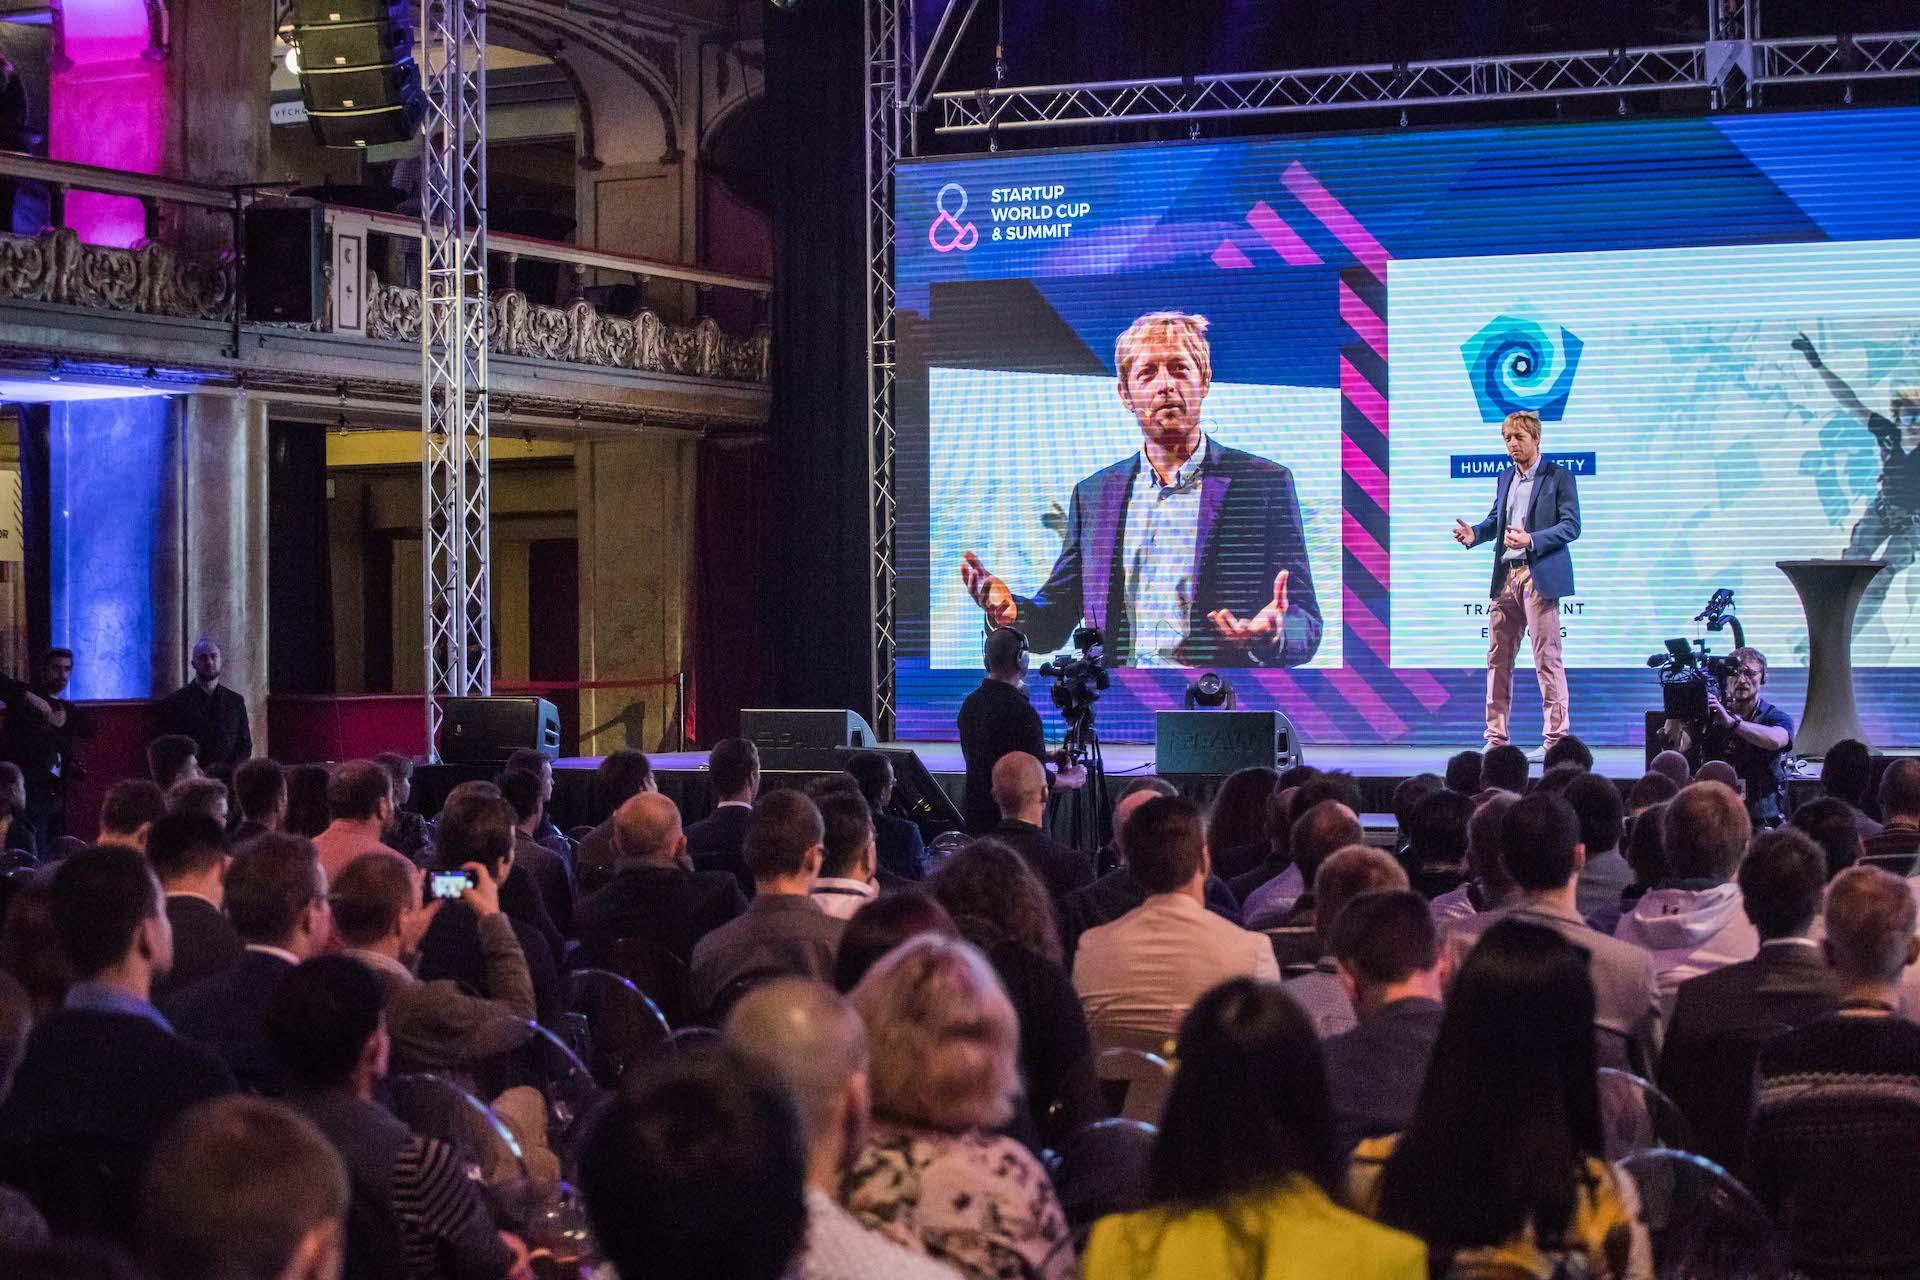 Minulý Startup World Cup & Summit se konal v pražské Lucerně